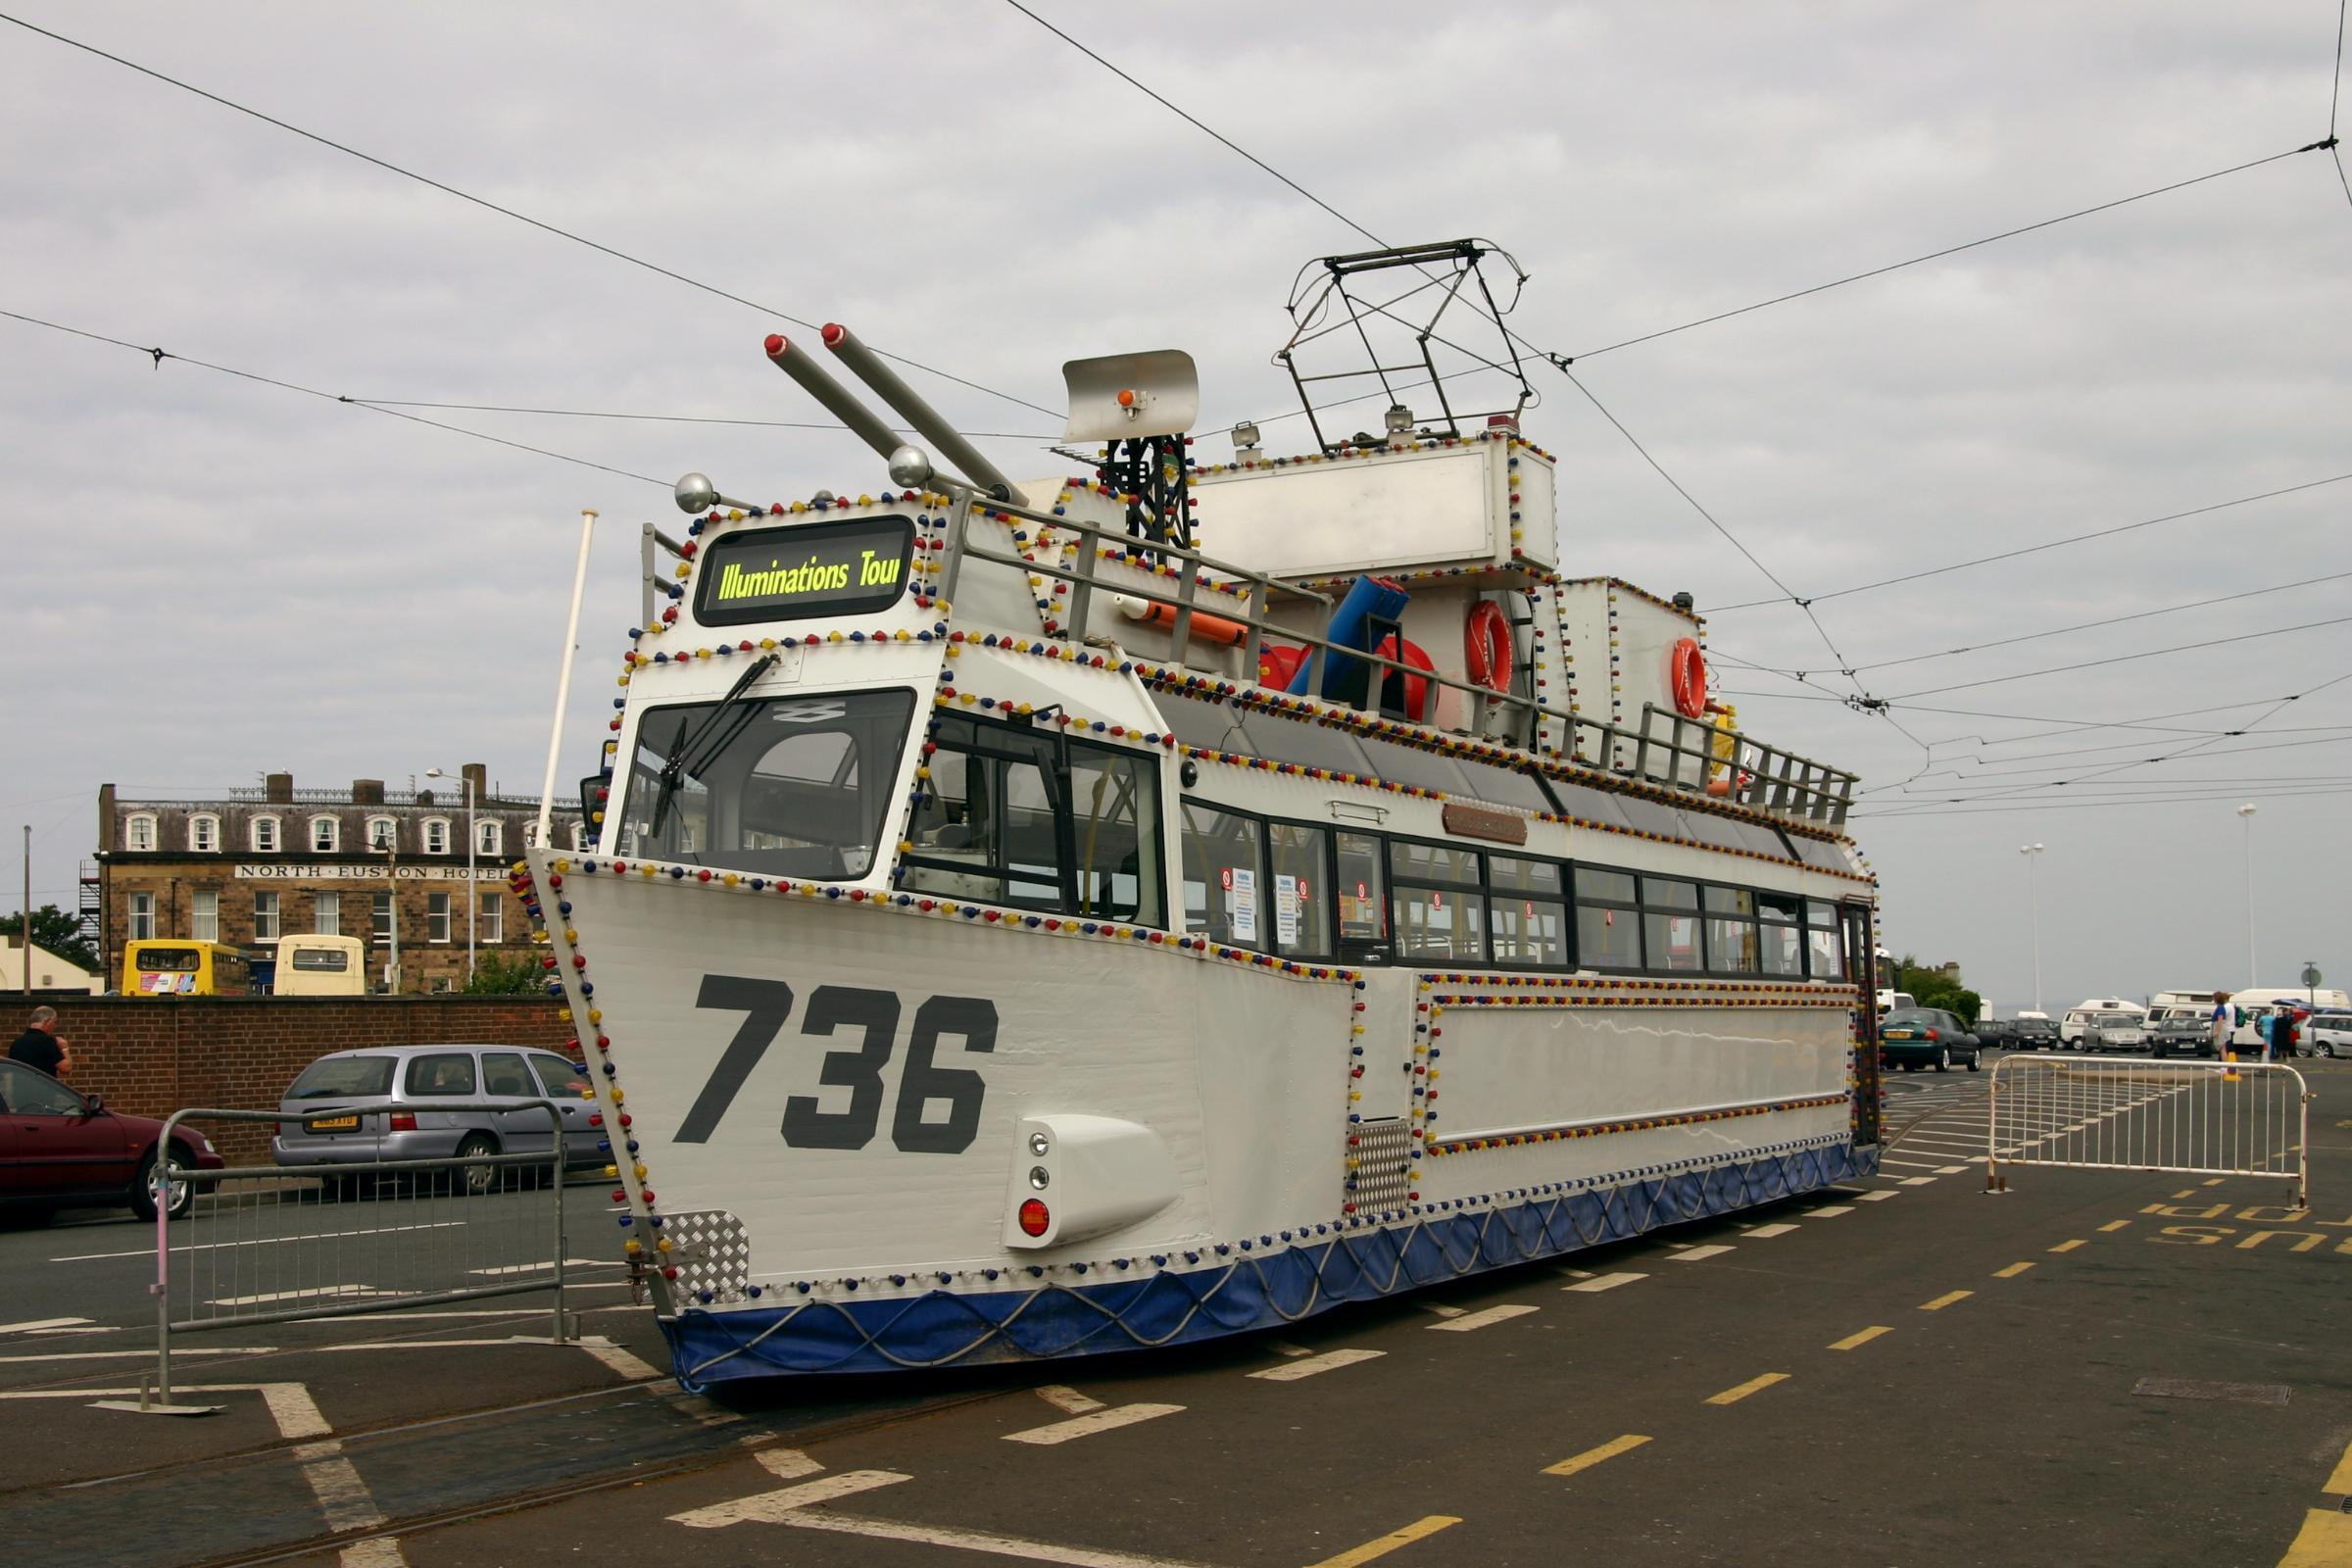 HMS Blackpool Heritage Tram